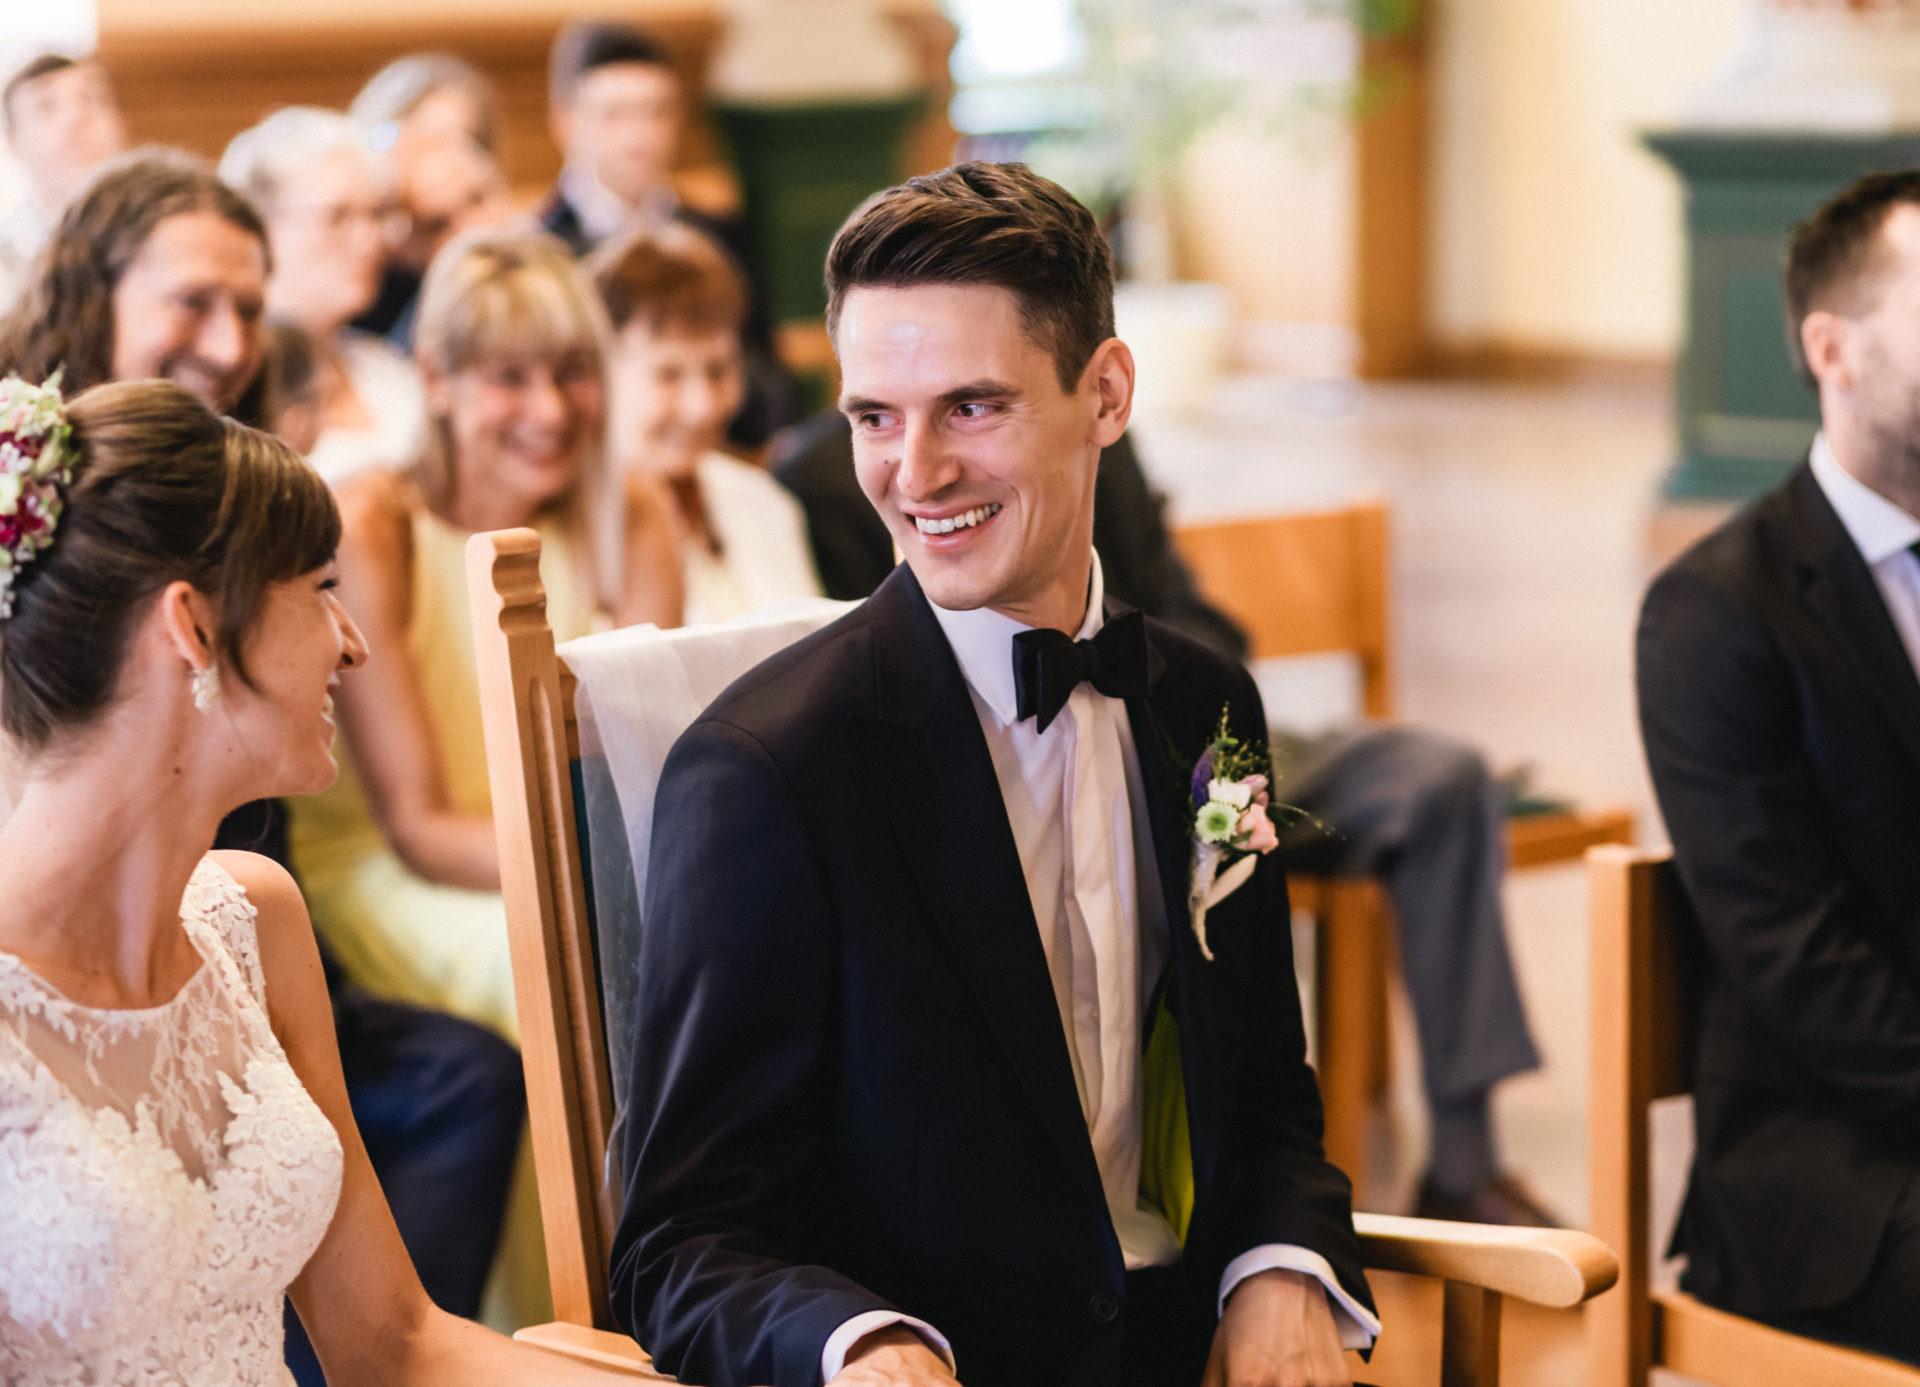 Hochzeitsreportage, Portfolio | Hochzeit auf dem Rittergut Positz | 19